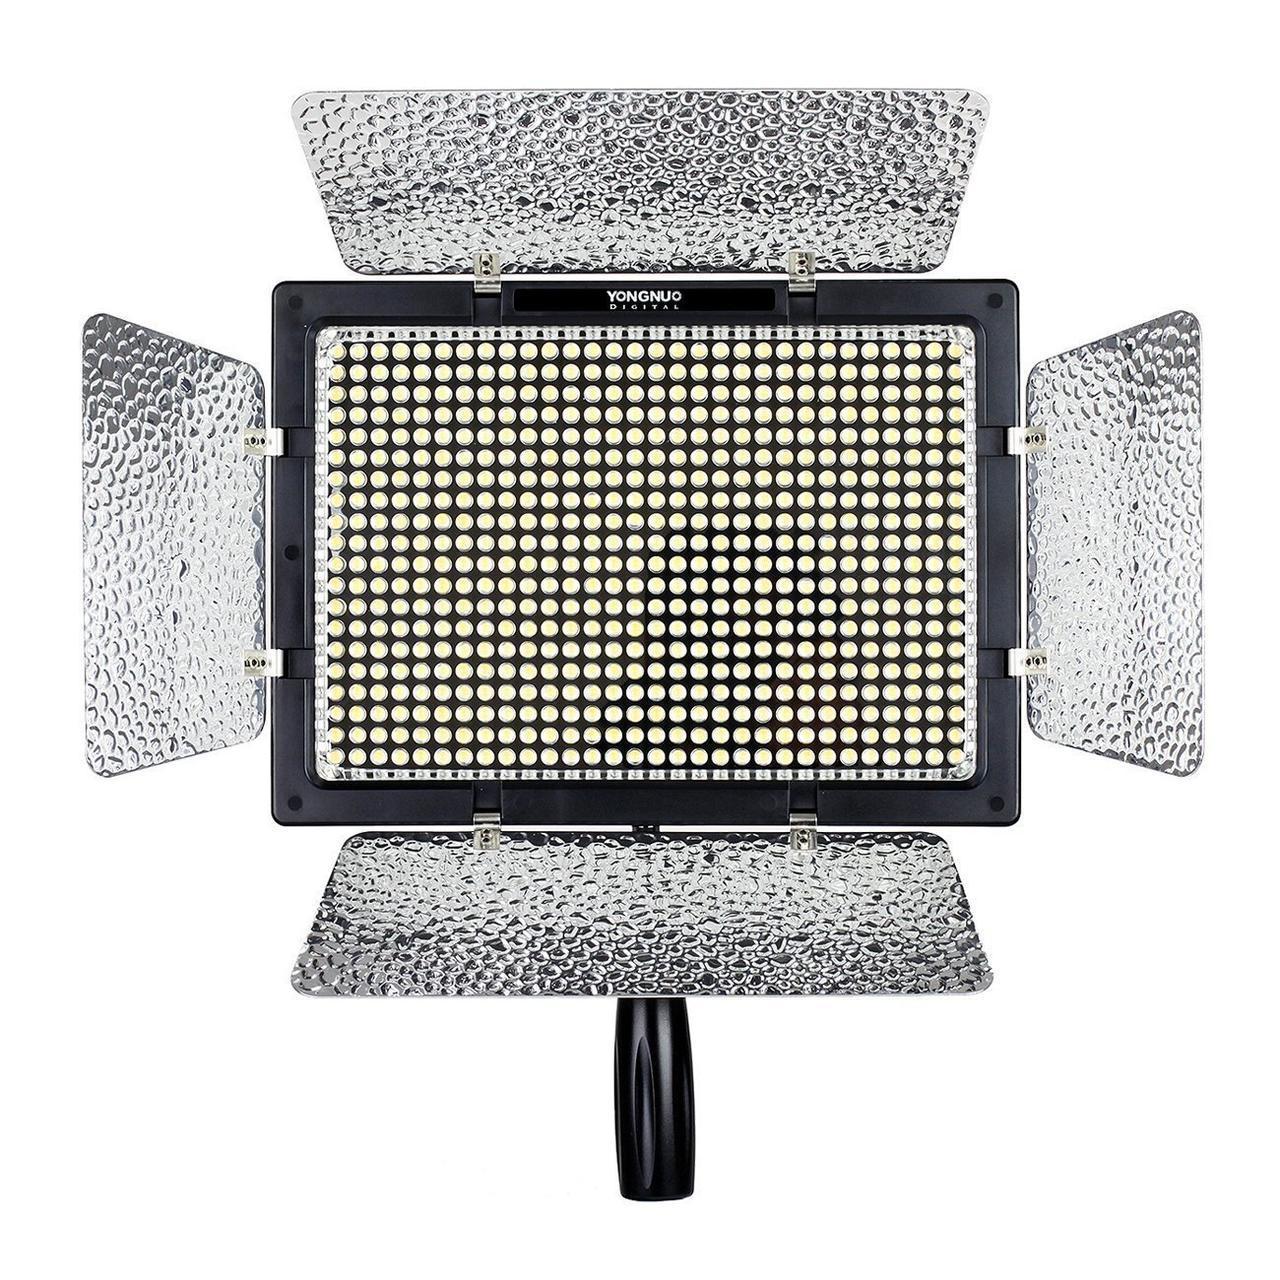 Постоянный накамерный свет, LED панель Yongnuo YN-600L II (mono-color) с bluetooth управлением через телефон.